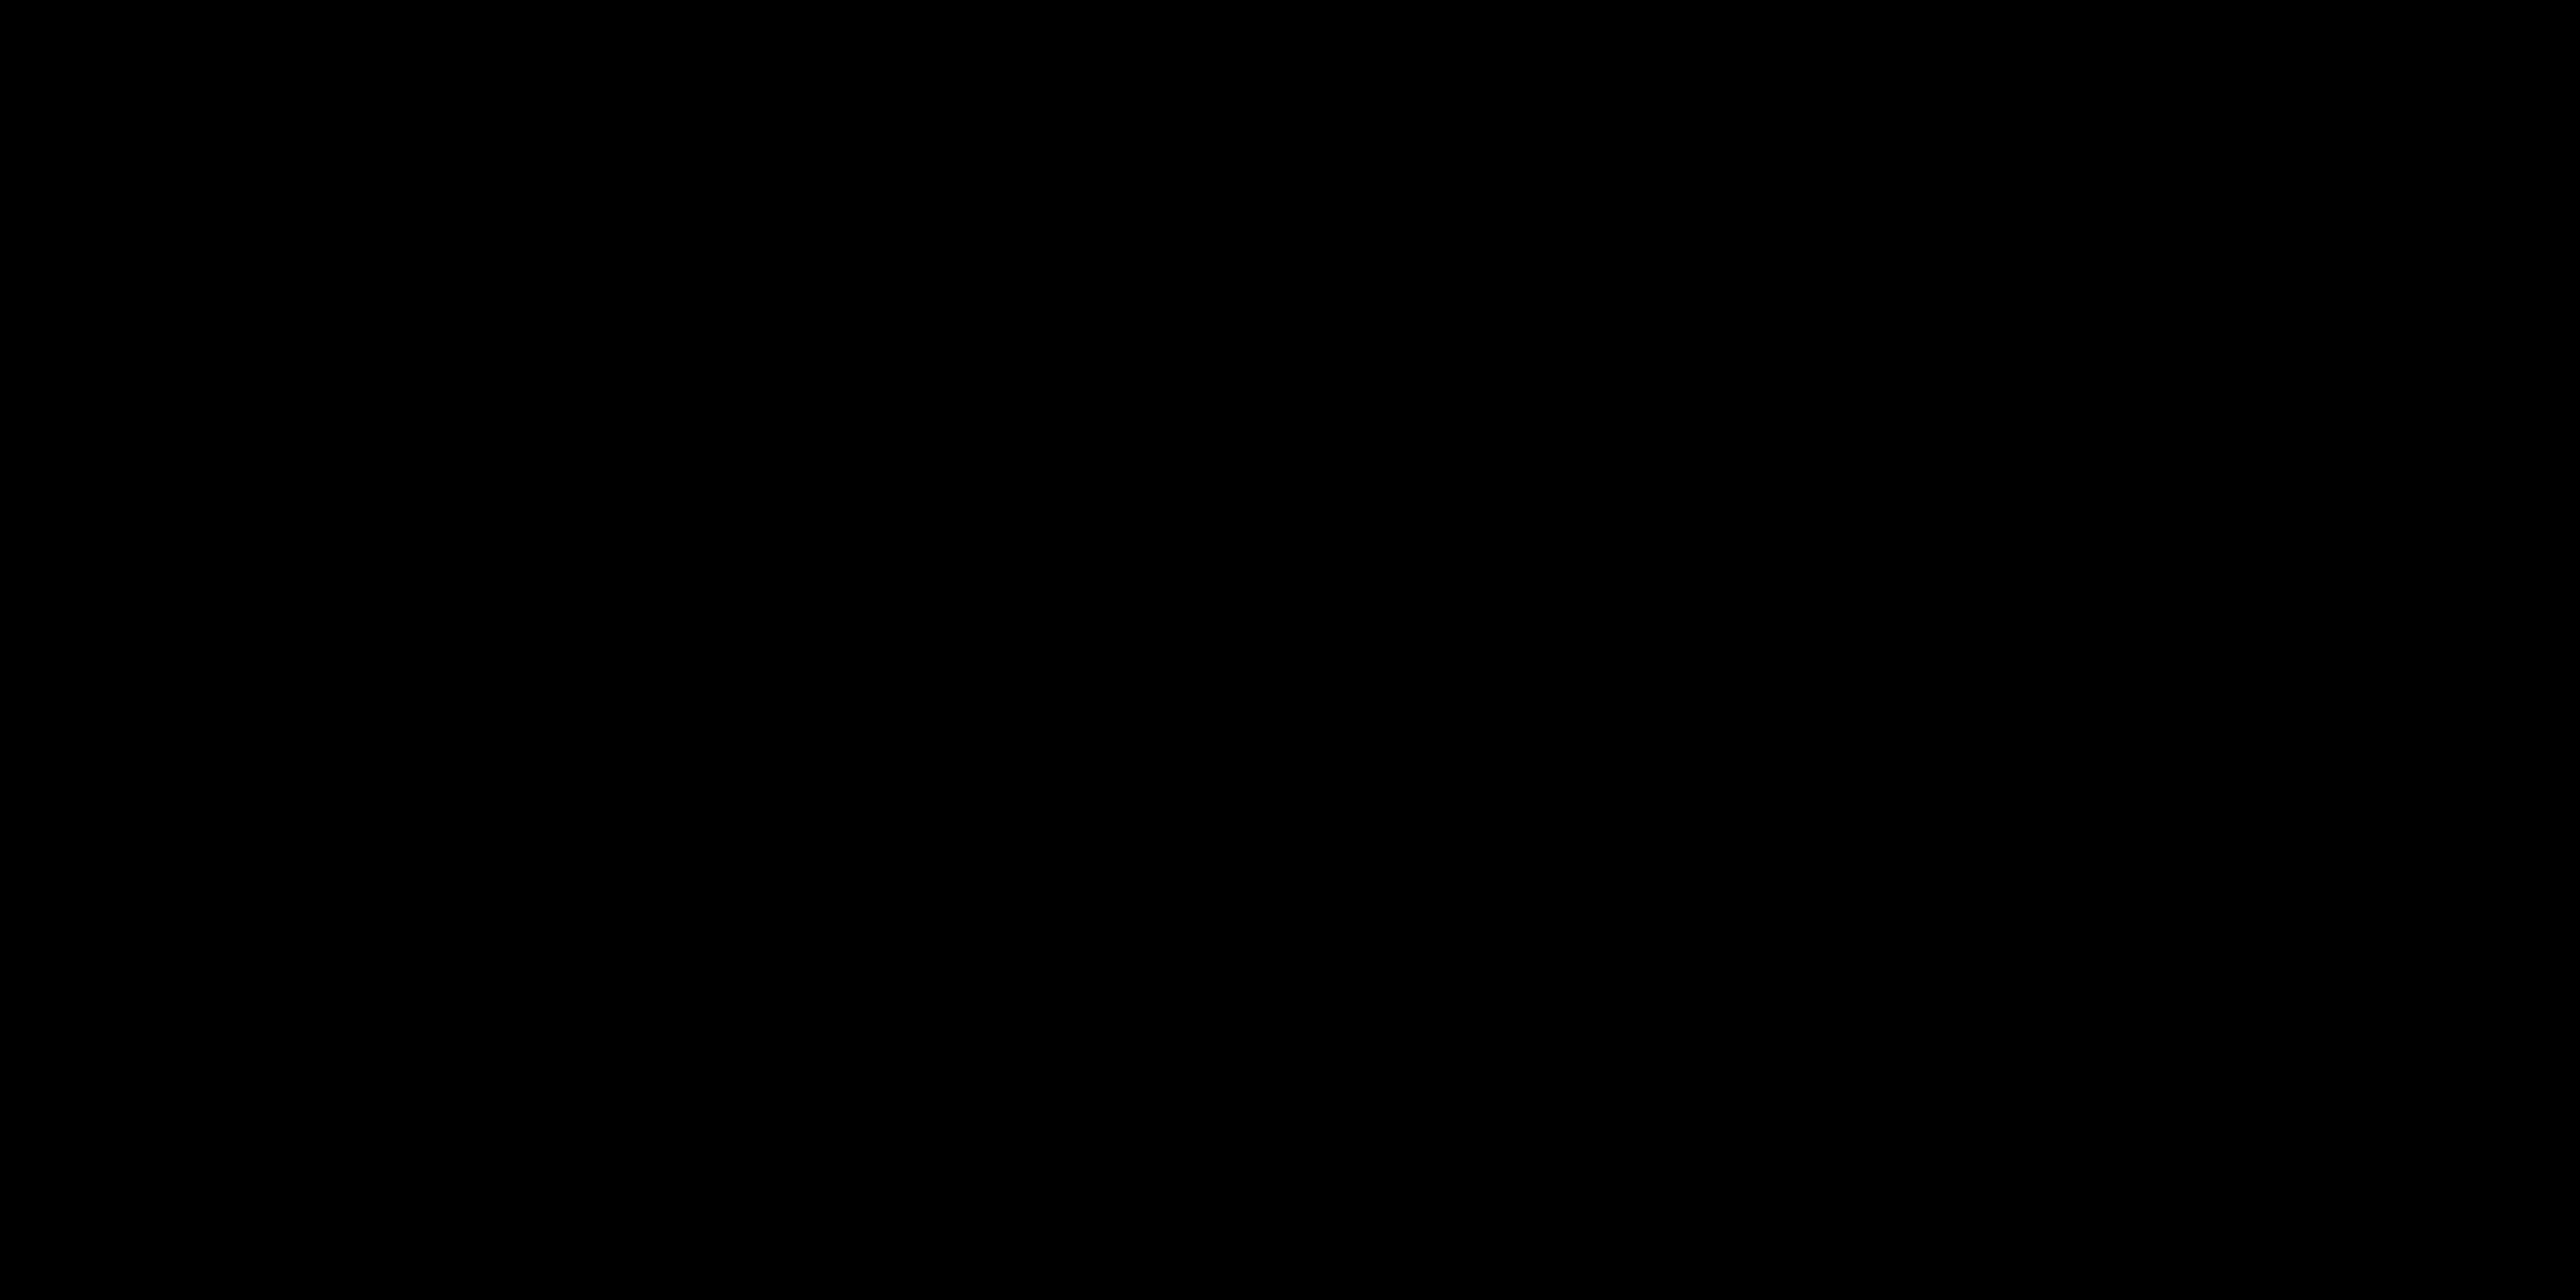 Xishuangbanna_Diagram_Garden_s